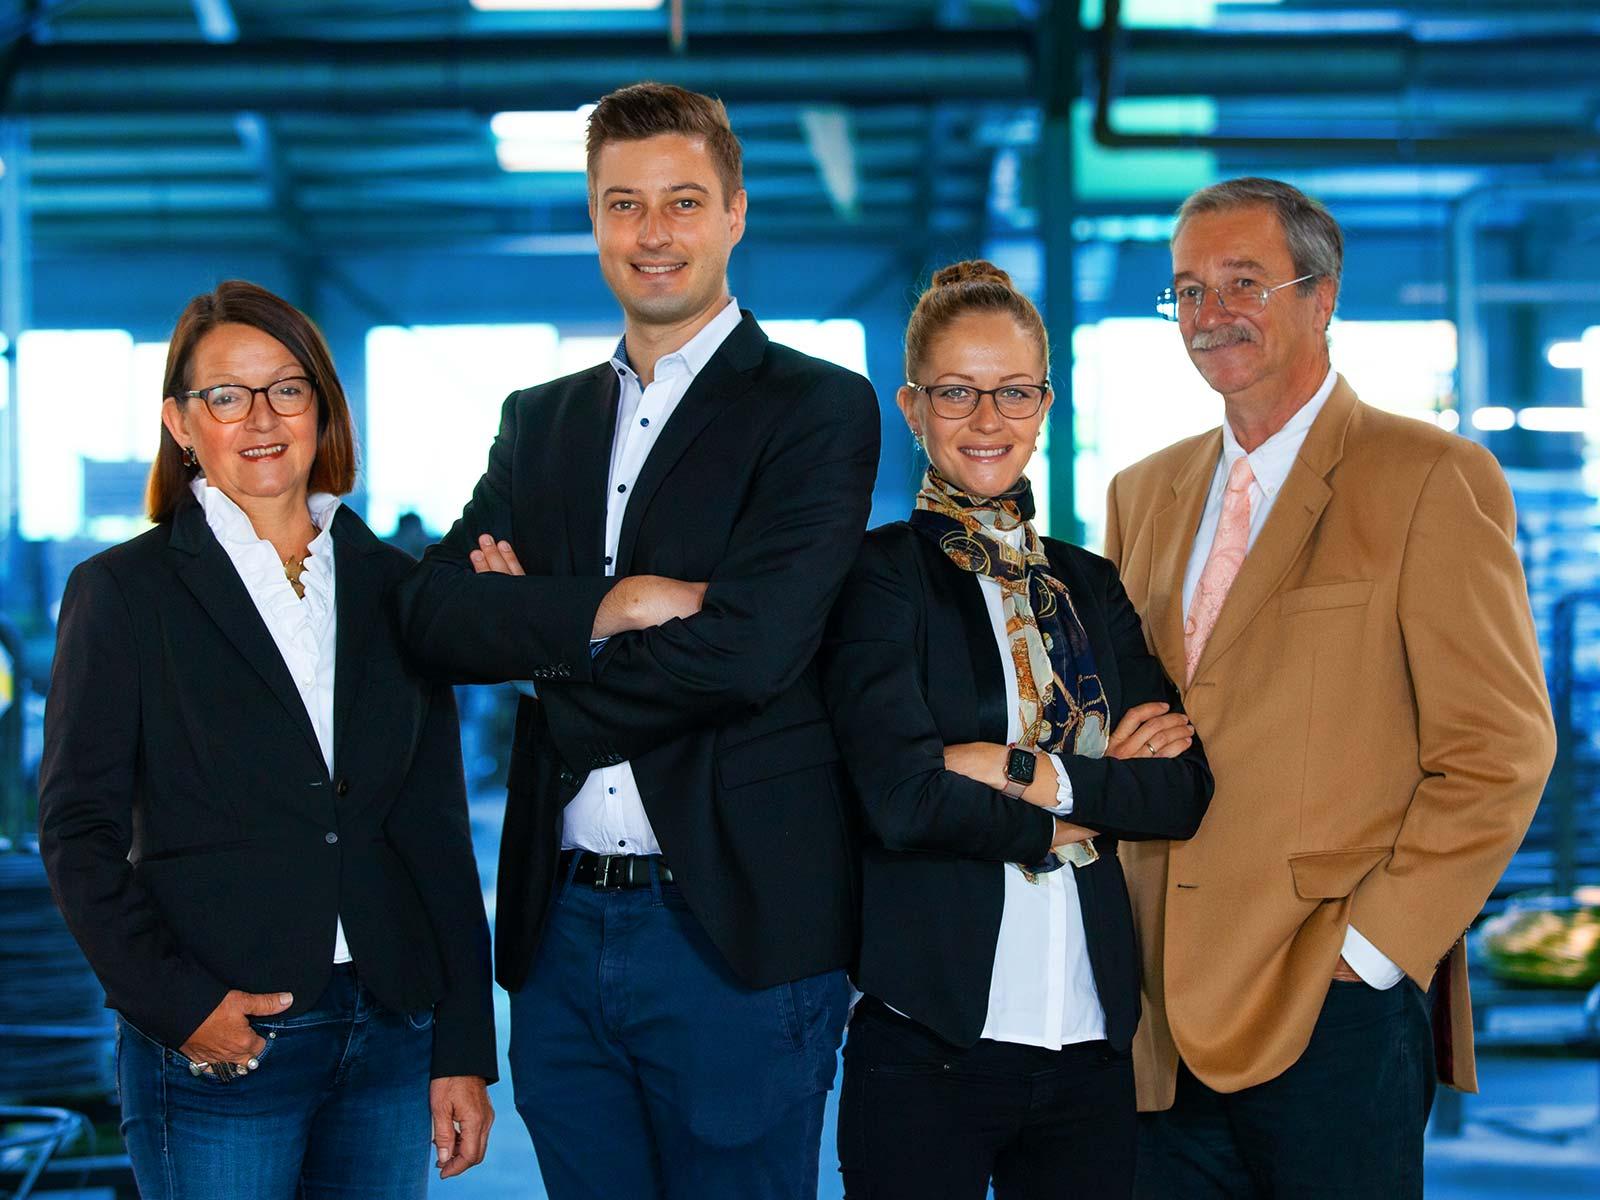 Frey Schrauben GmbH, Boxberg, v.l.n.r.: Gabriele-Kümmerle-Schnizler (Operations), Dennis Oltmanns (Geschäftsführer), Eva Oltmanns (Accounting), Thomas Schnizler (Geschäftsführer)